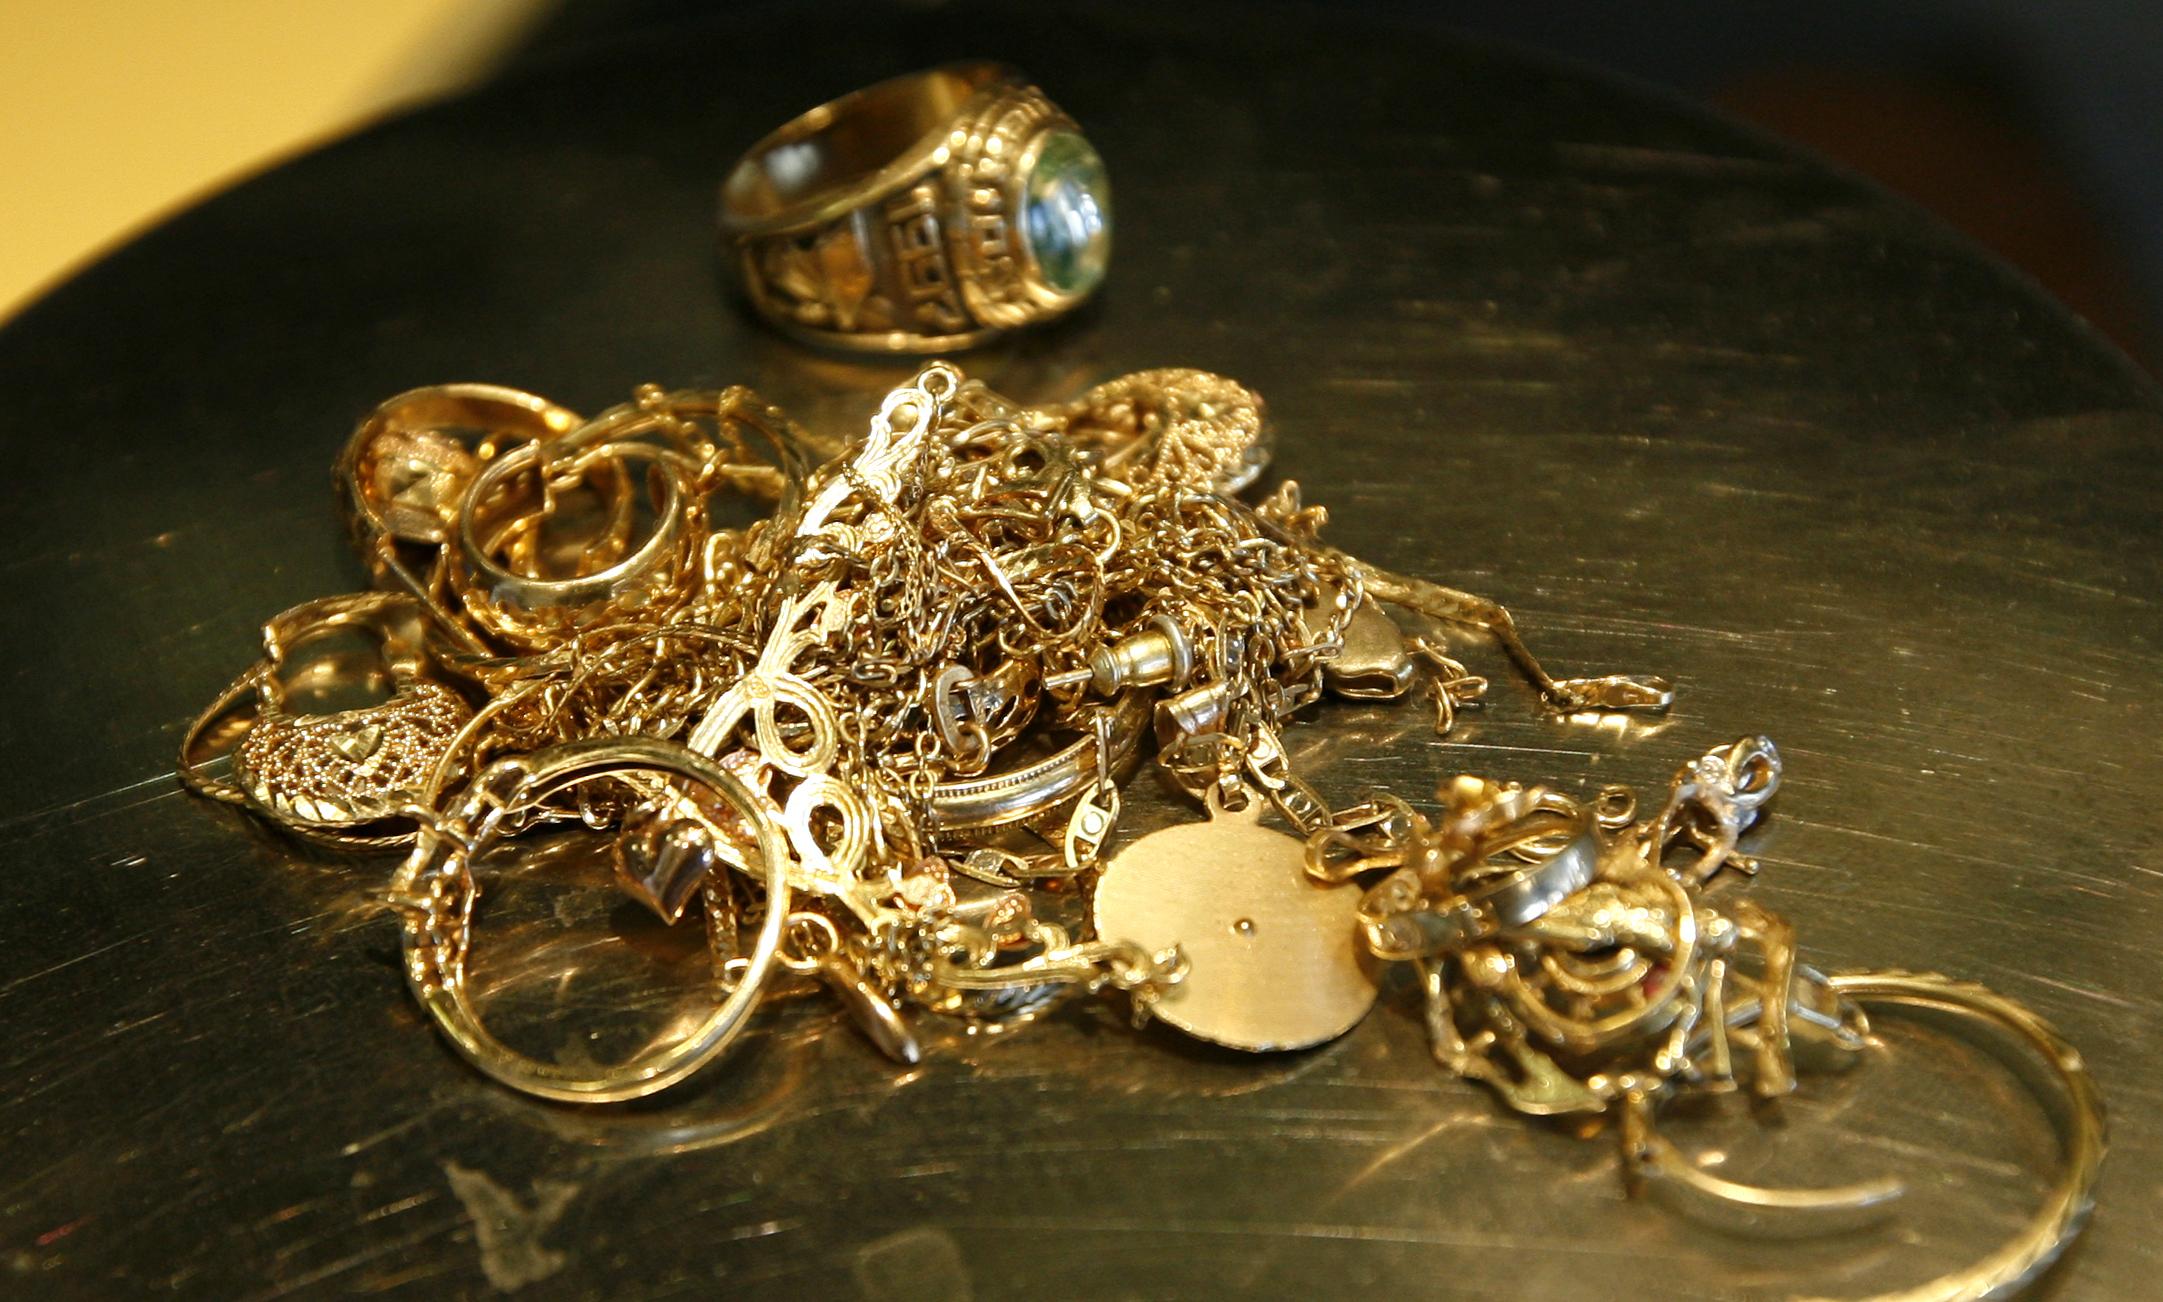 Золотую цепочку чуть сломанную можно сдать в ломбард - parkn.